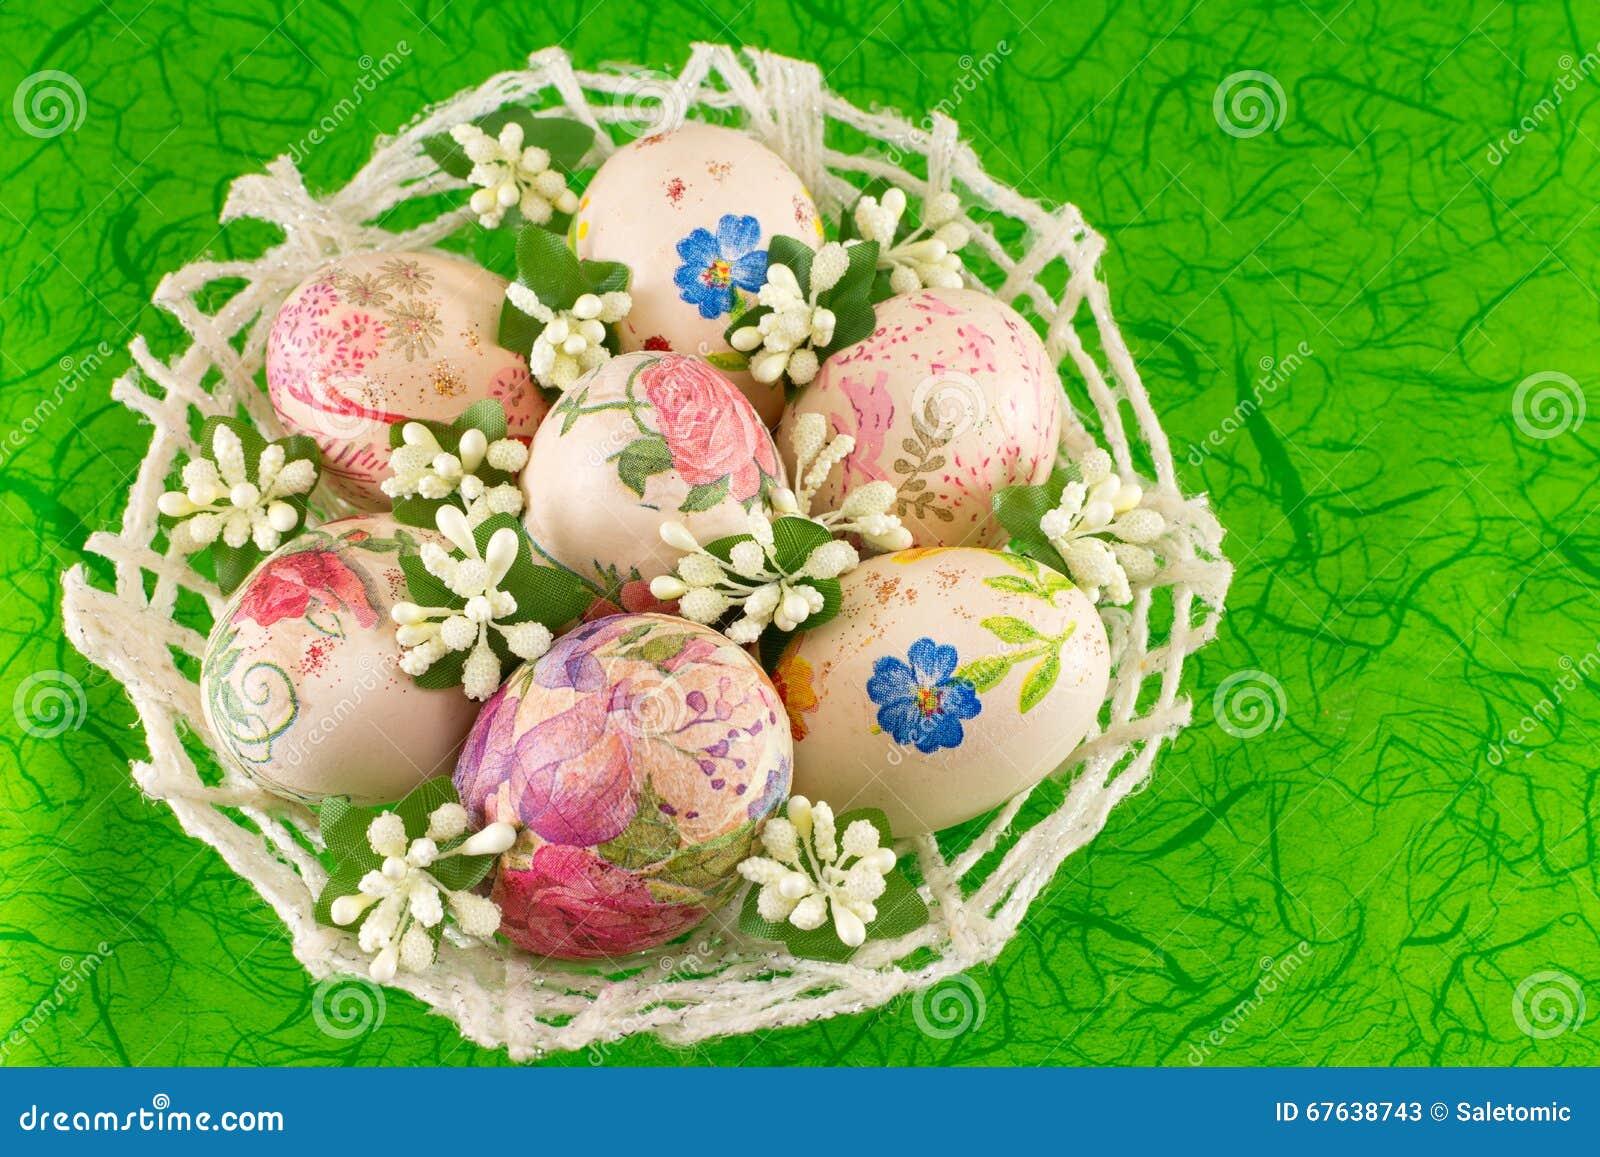 Uova di pasqua decorate in un canestro immagine stock - Pasqua uova decorate ...